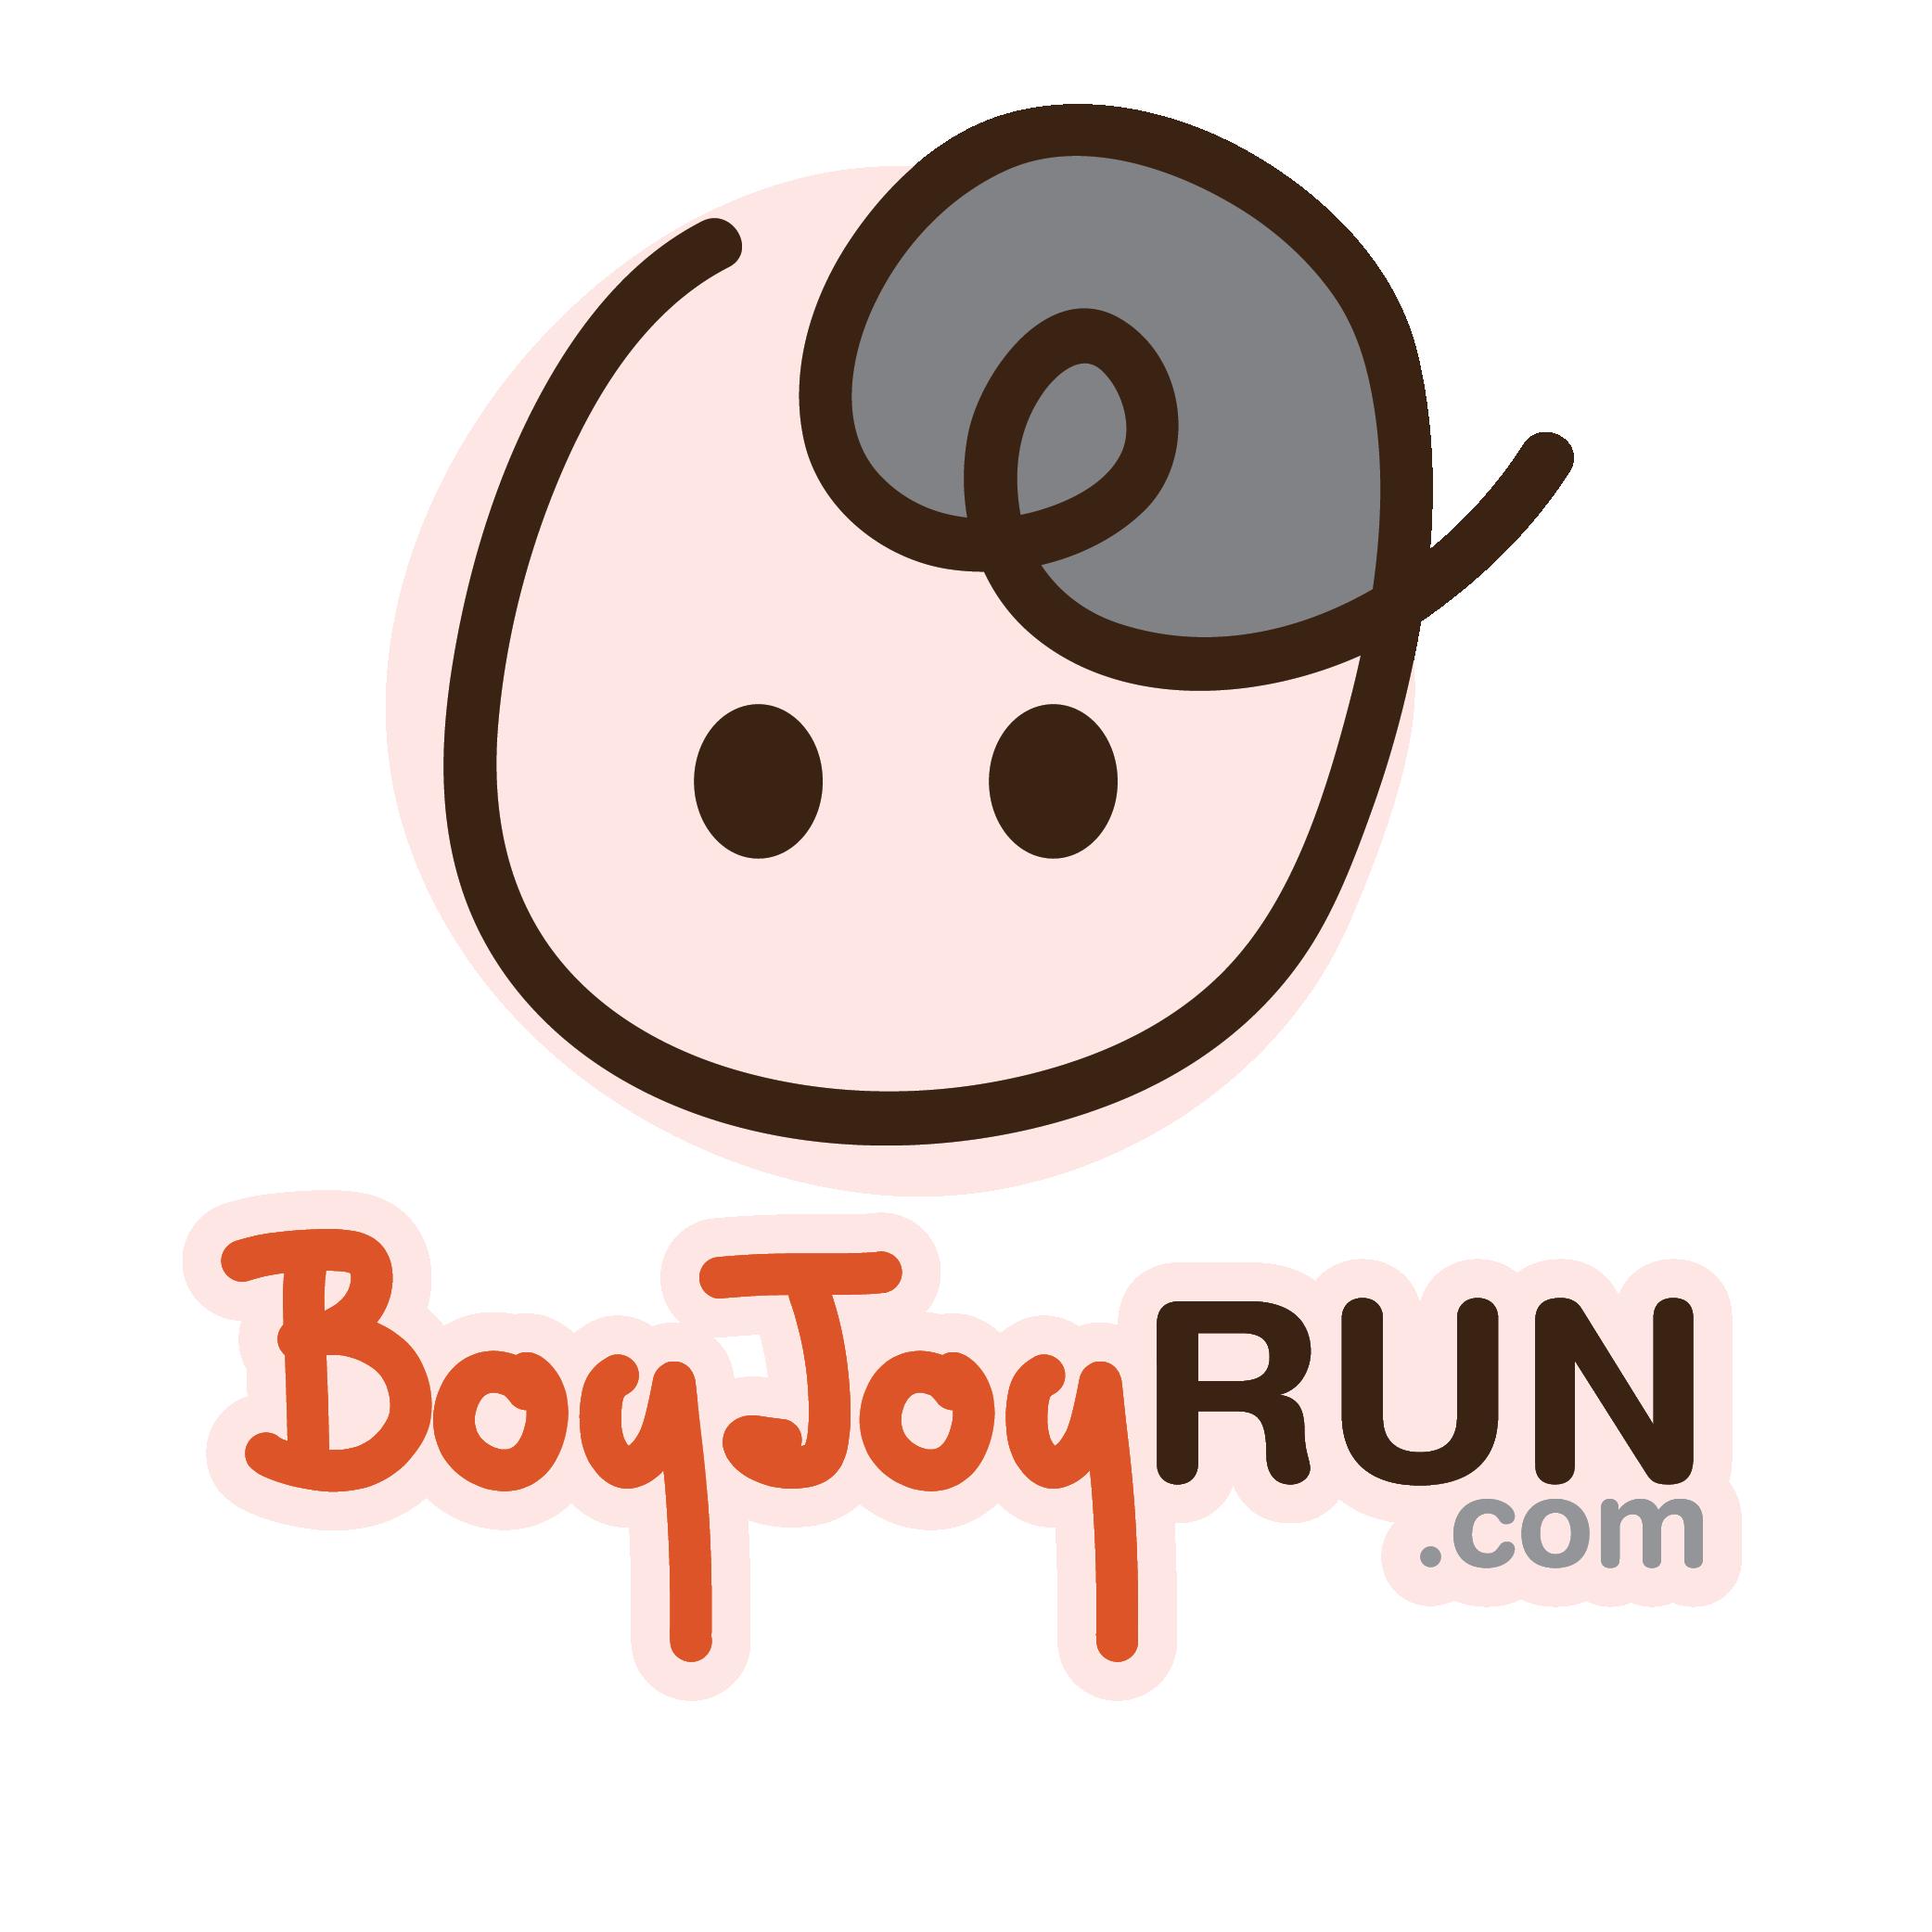 LOGO_BoyJoyRUN.com